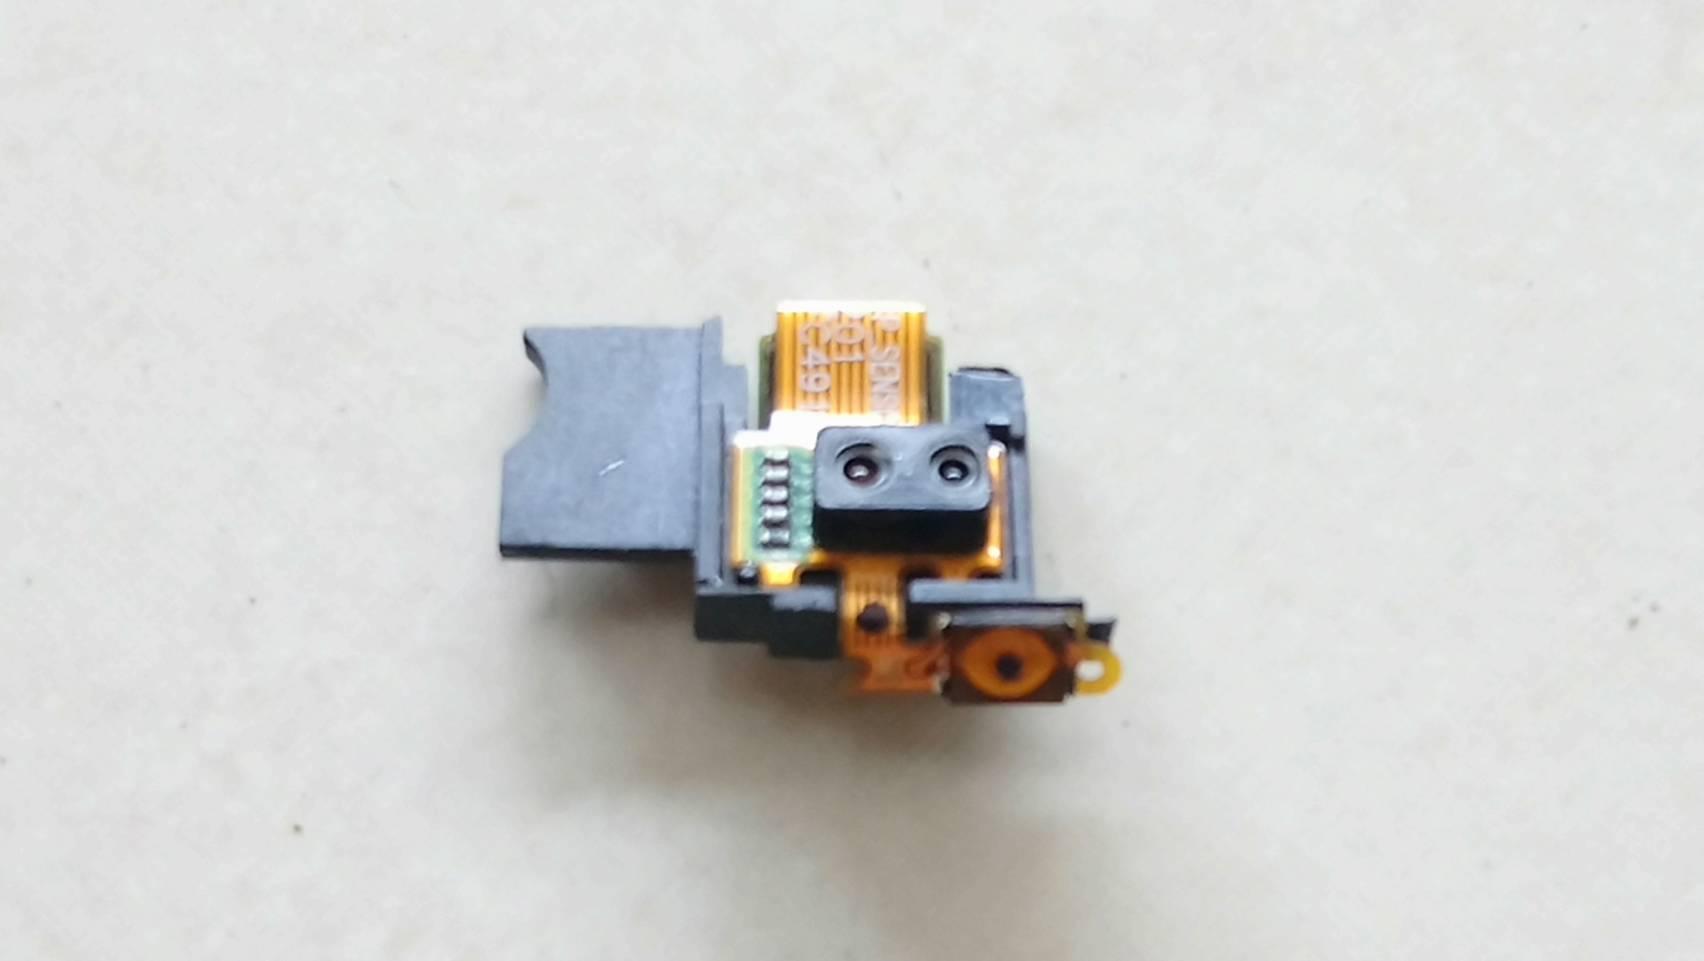 ชุดสายแพสวิทช์ปิดเปิด Lenovo vibe z K910 มือสอง